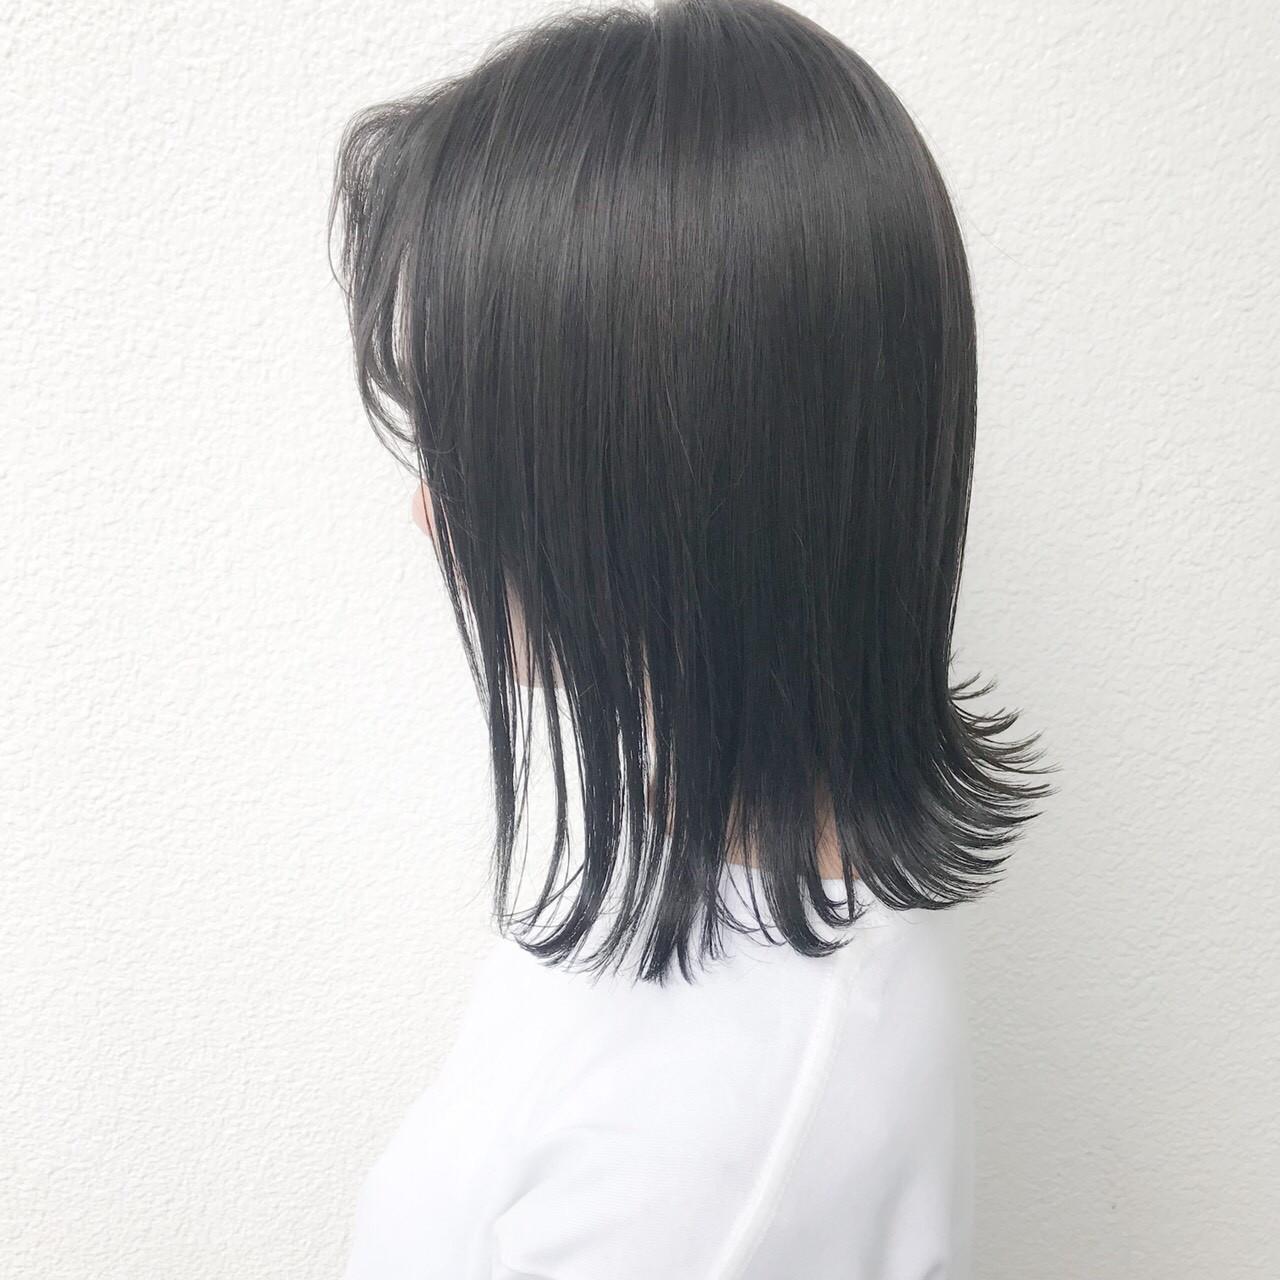 ナチュラル 外国人風カラー ボブ アッシュ ヘアスタイルや髪型の写真・画像 | grace by afloat 大山宏輔 / grace by afroat